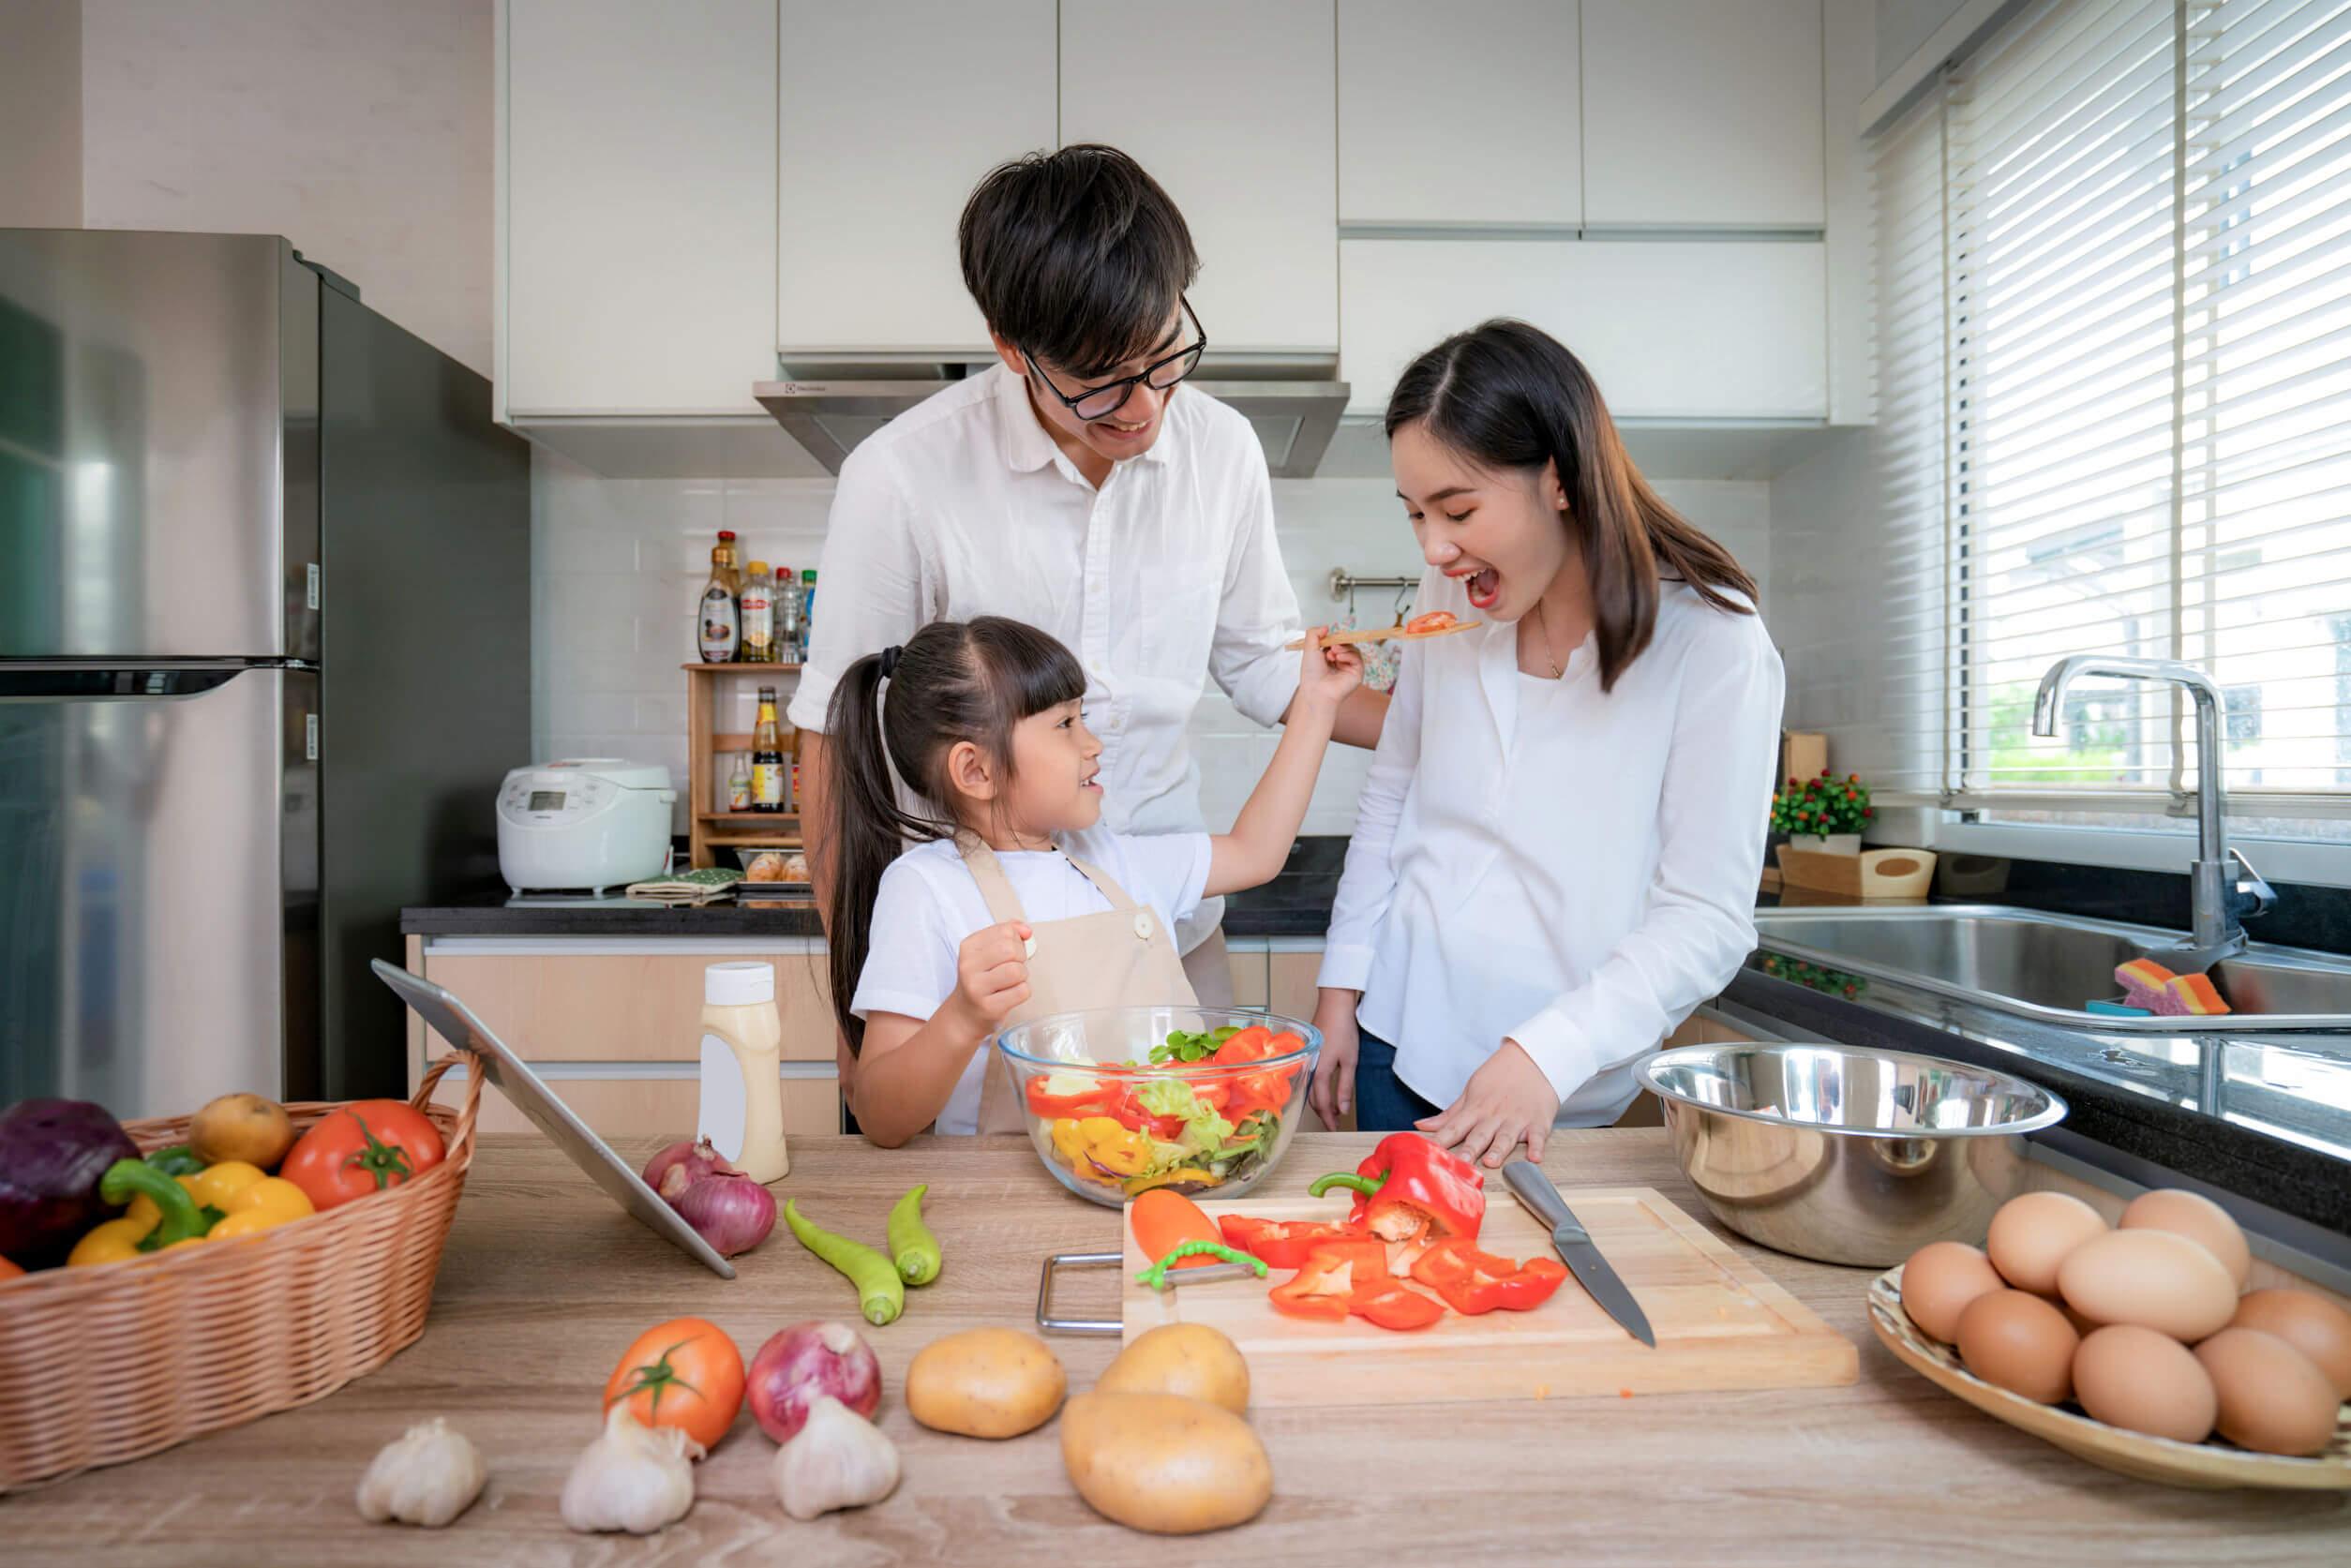 Familia cocinando unida y pensando en las cosas que se aprenden de los hijos.